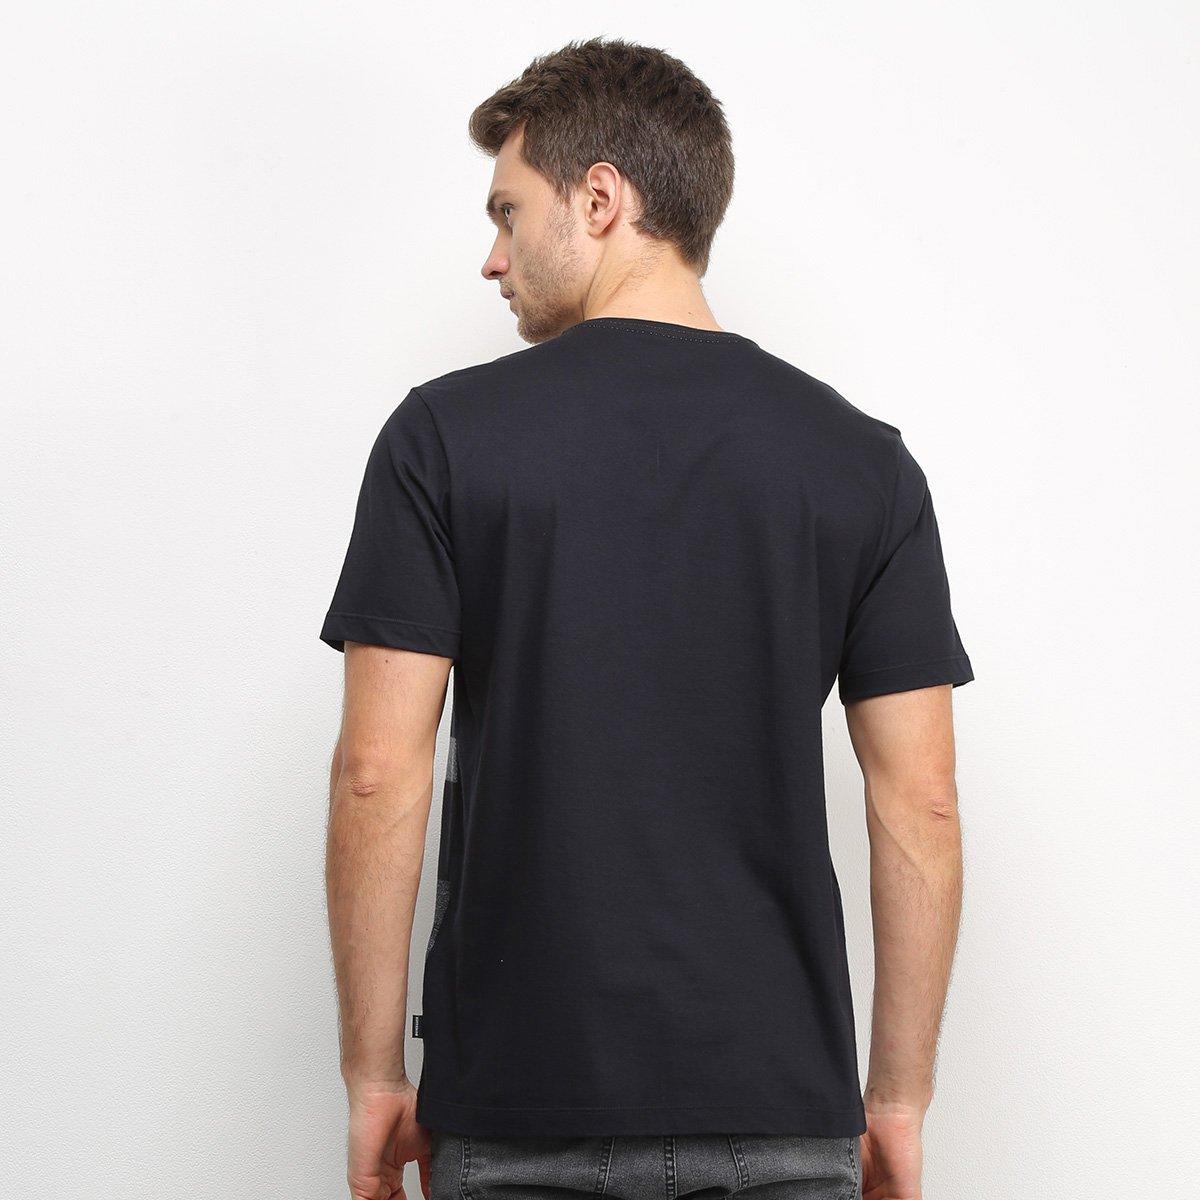 Camiseta Quiksilver Esp Vista Masculina - Tam: G - 1